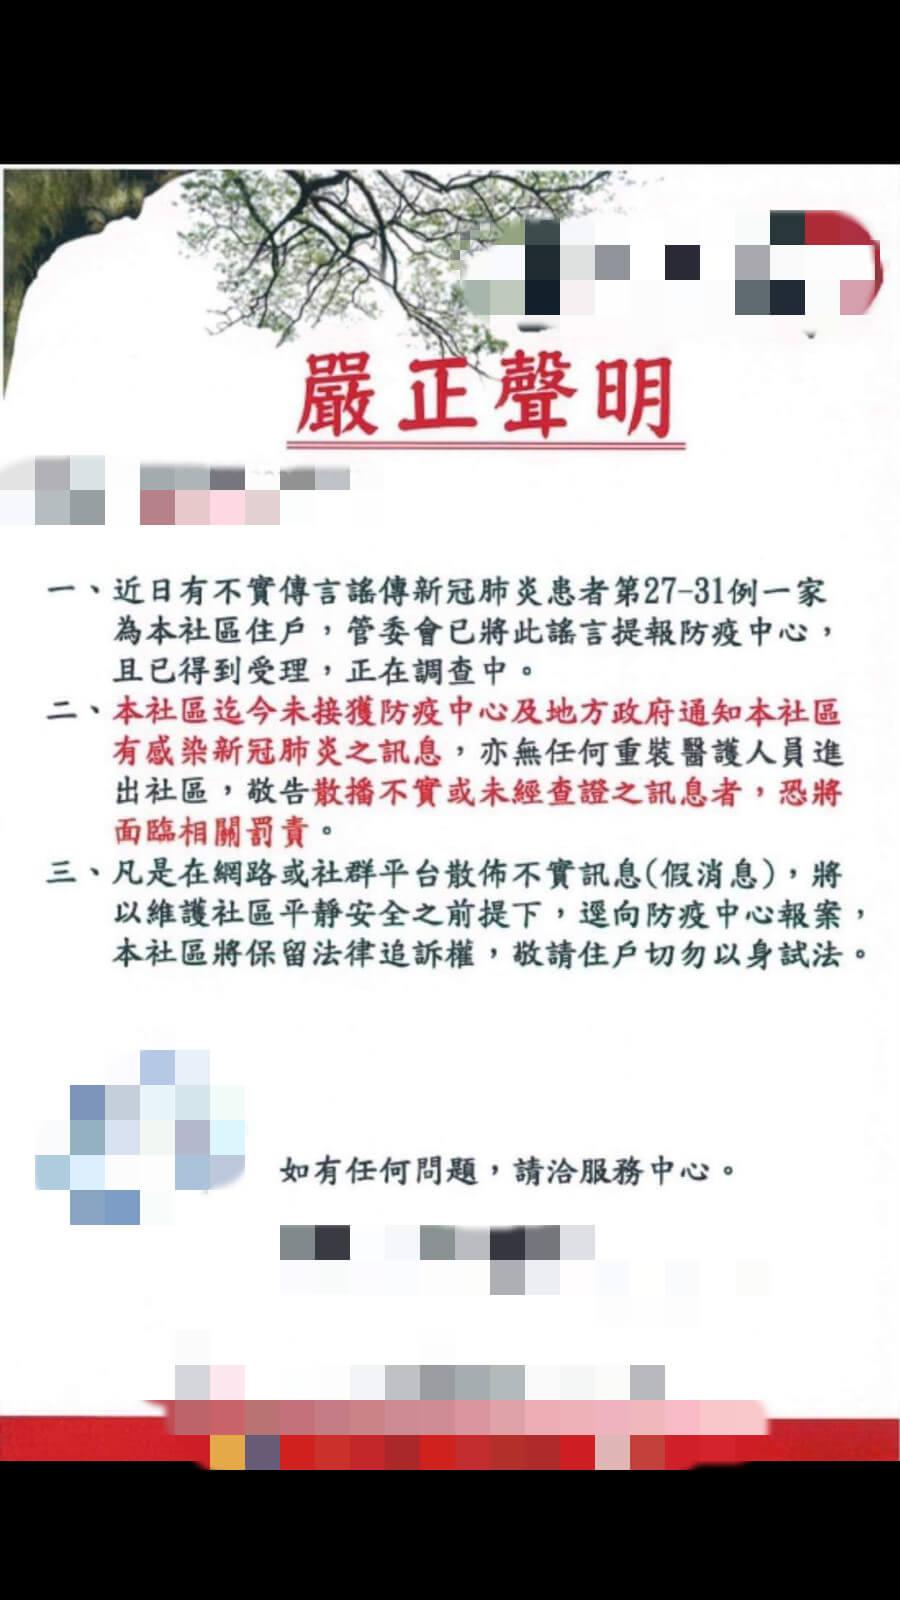 新店社區澄清社區內無新冠肺炎確診案例(圖翻攝自網路)